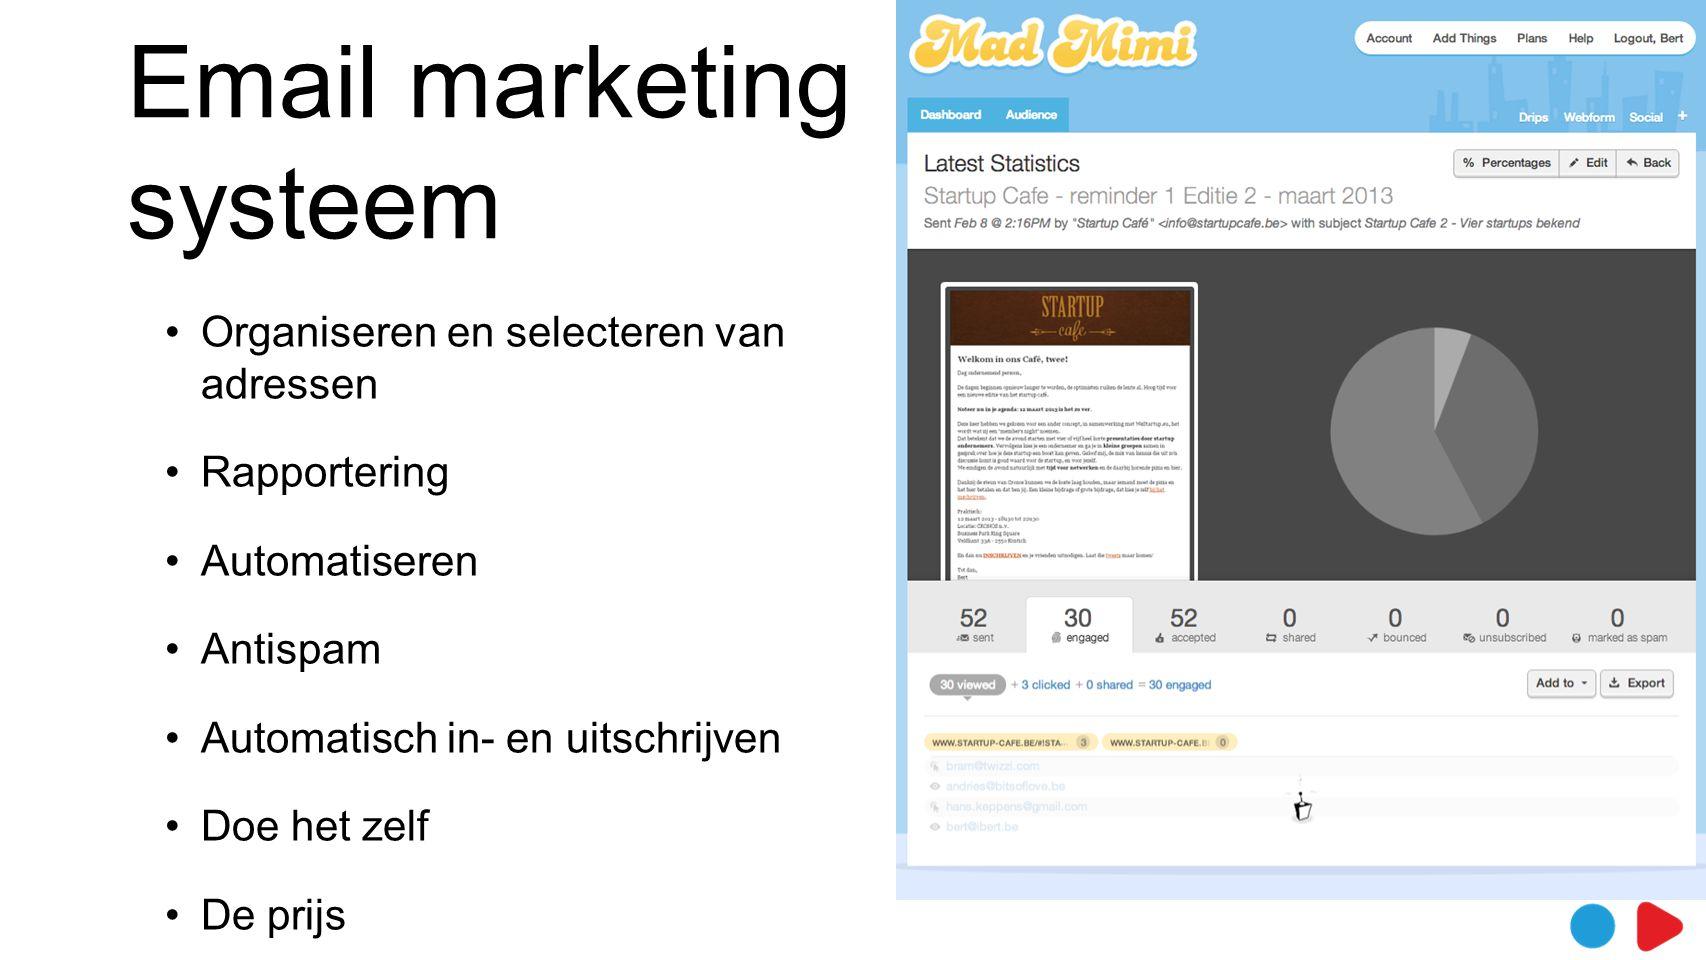 Email marketing systeem •Organiseren en selecteren van adressen •Rapportering •Automatiseren •Antispam •Automatisch in- en uitschrijven •Doe het zelf •De prijs